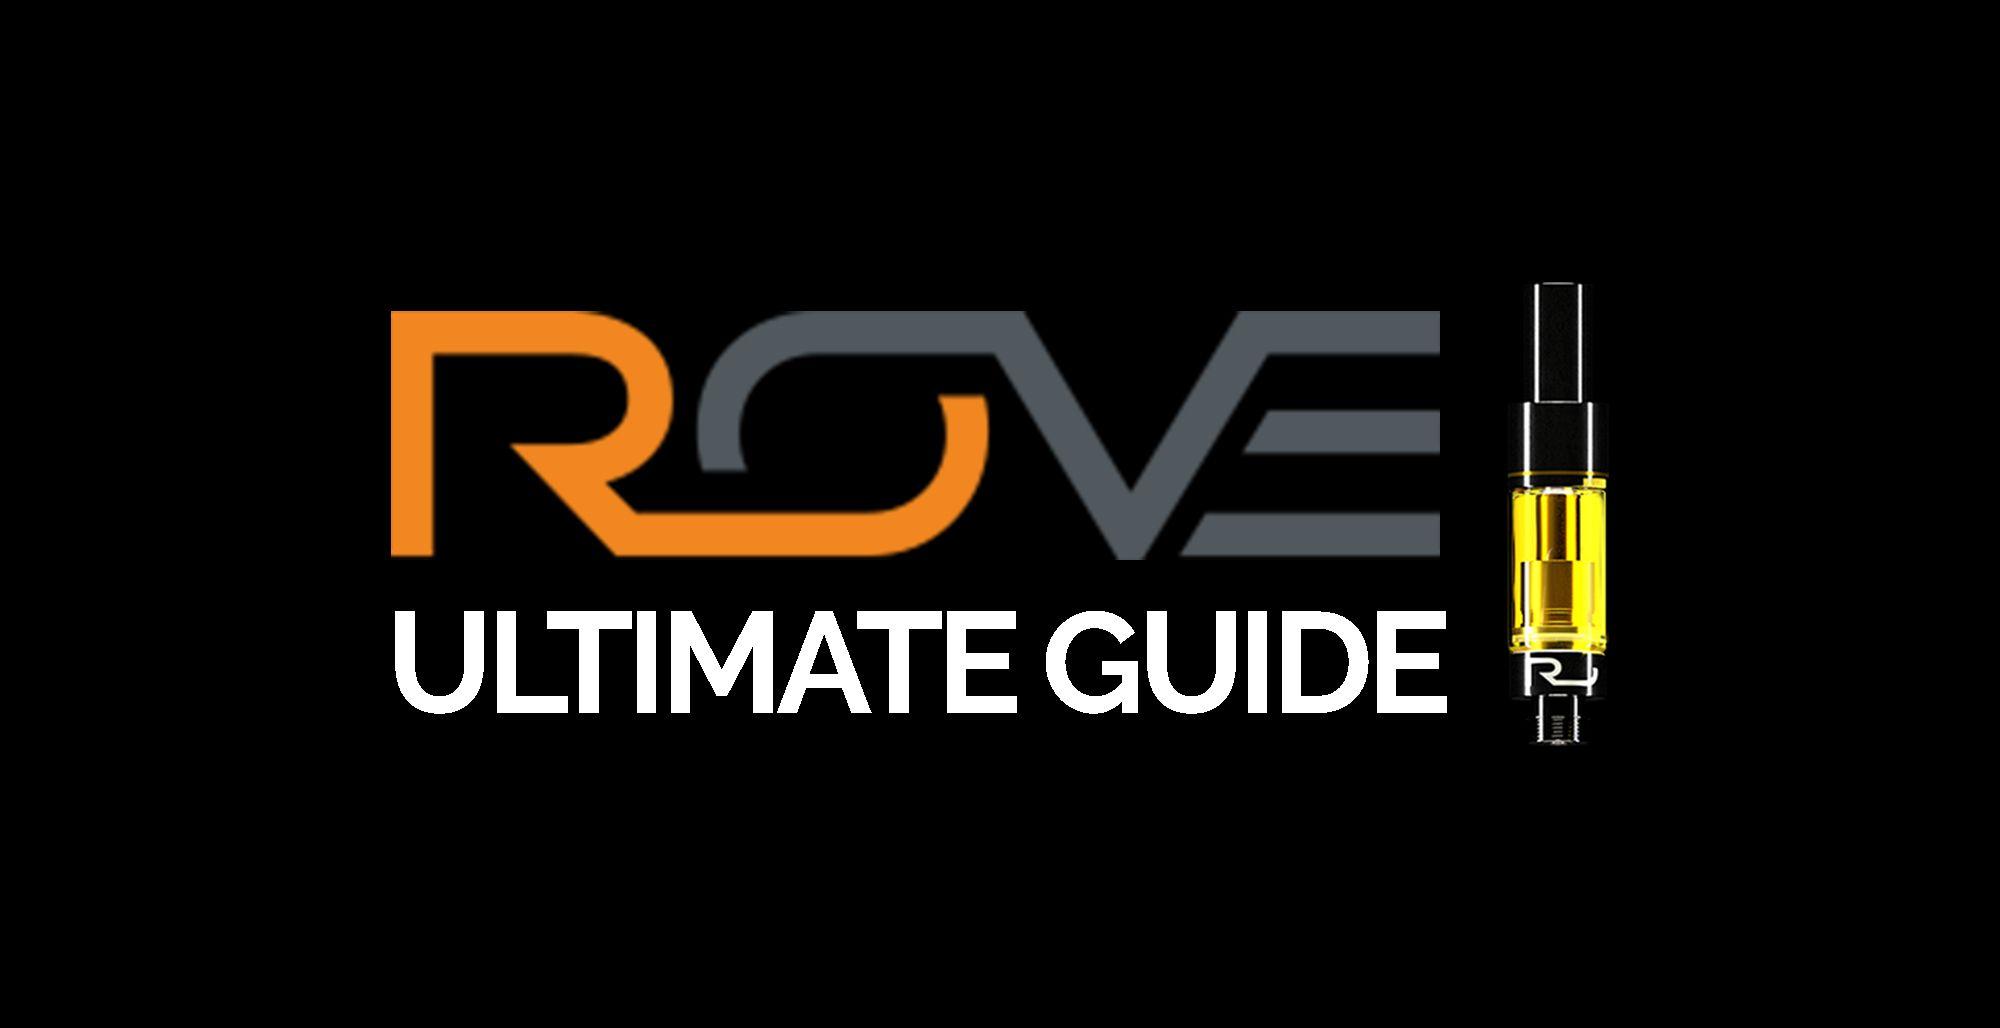 ROVE-GUIDE